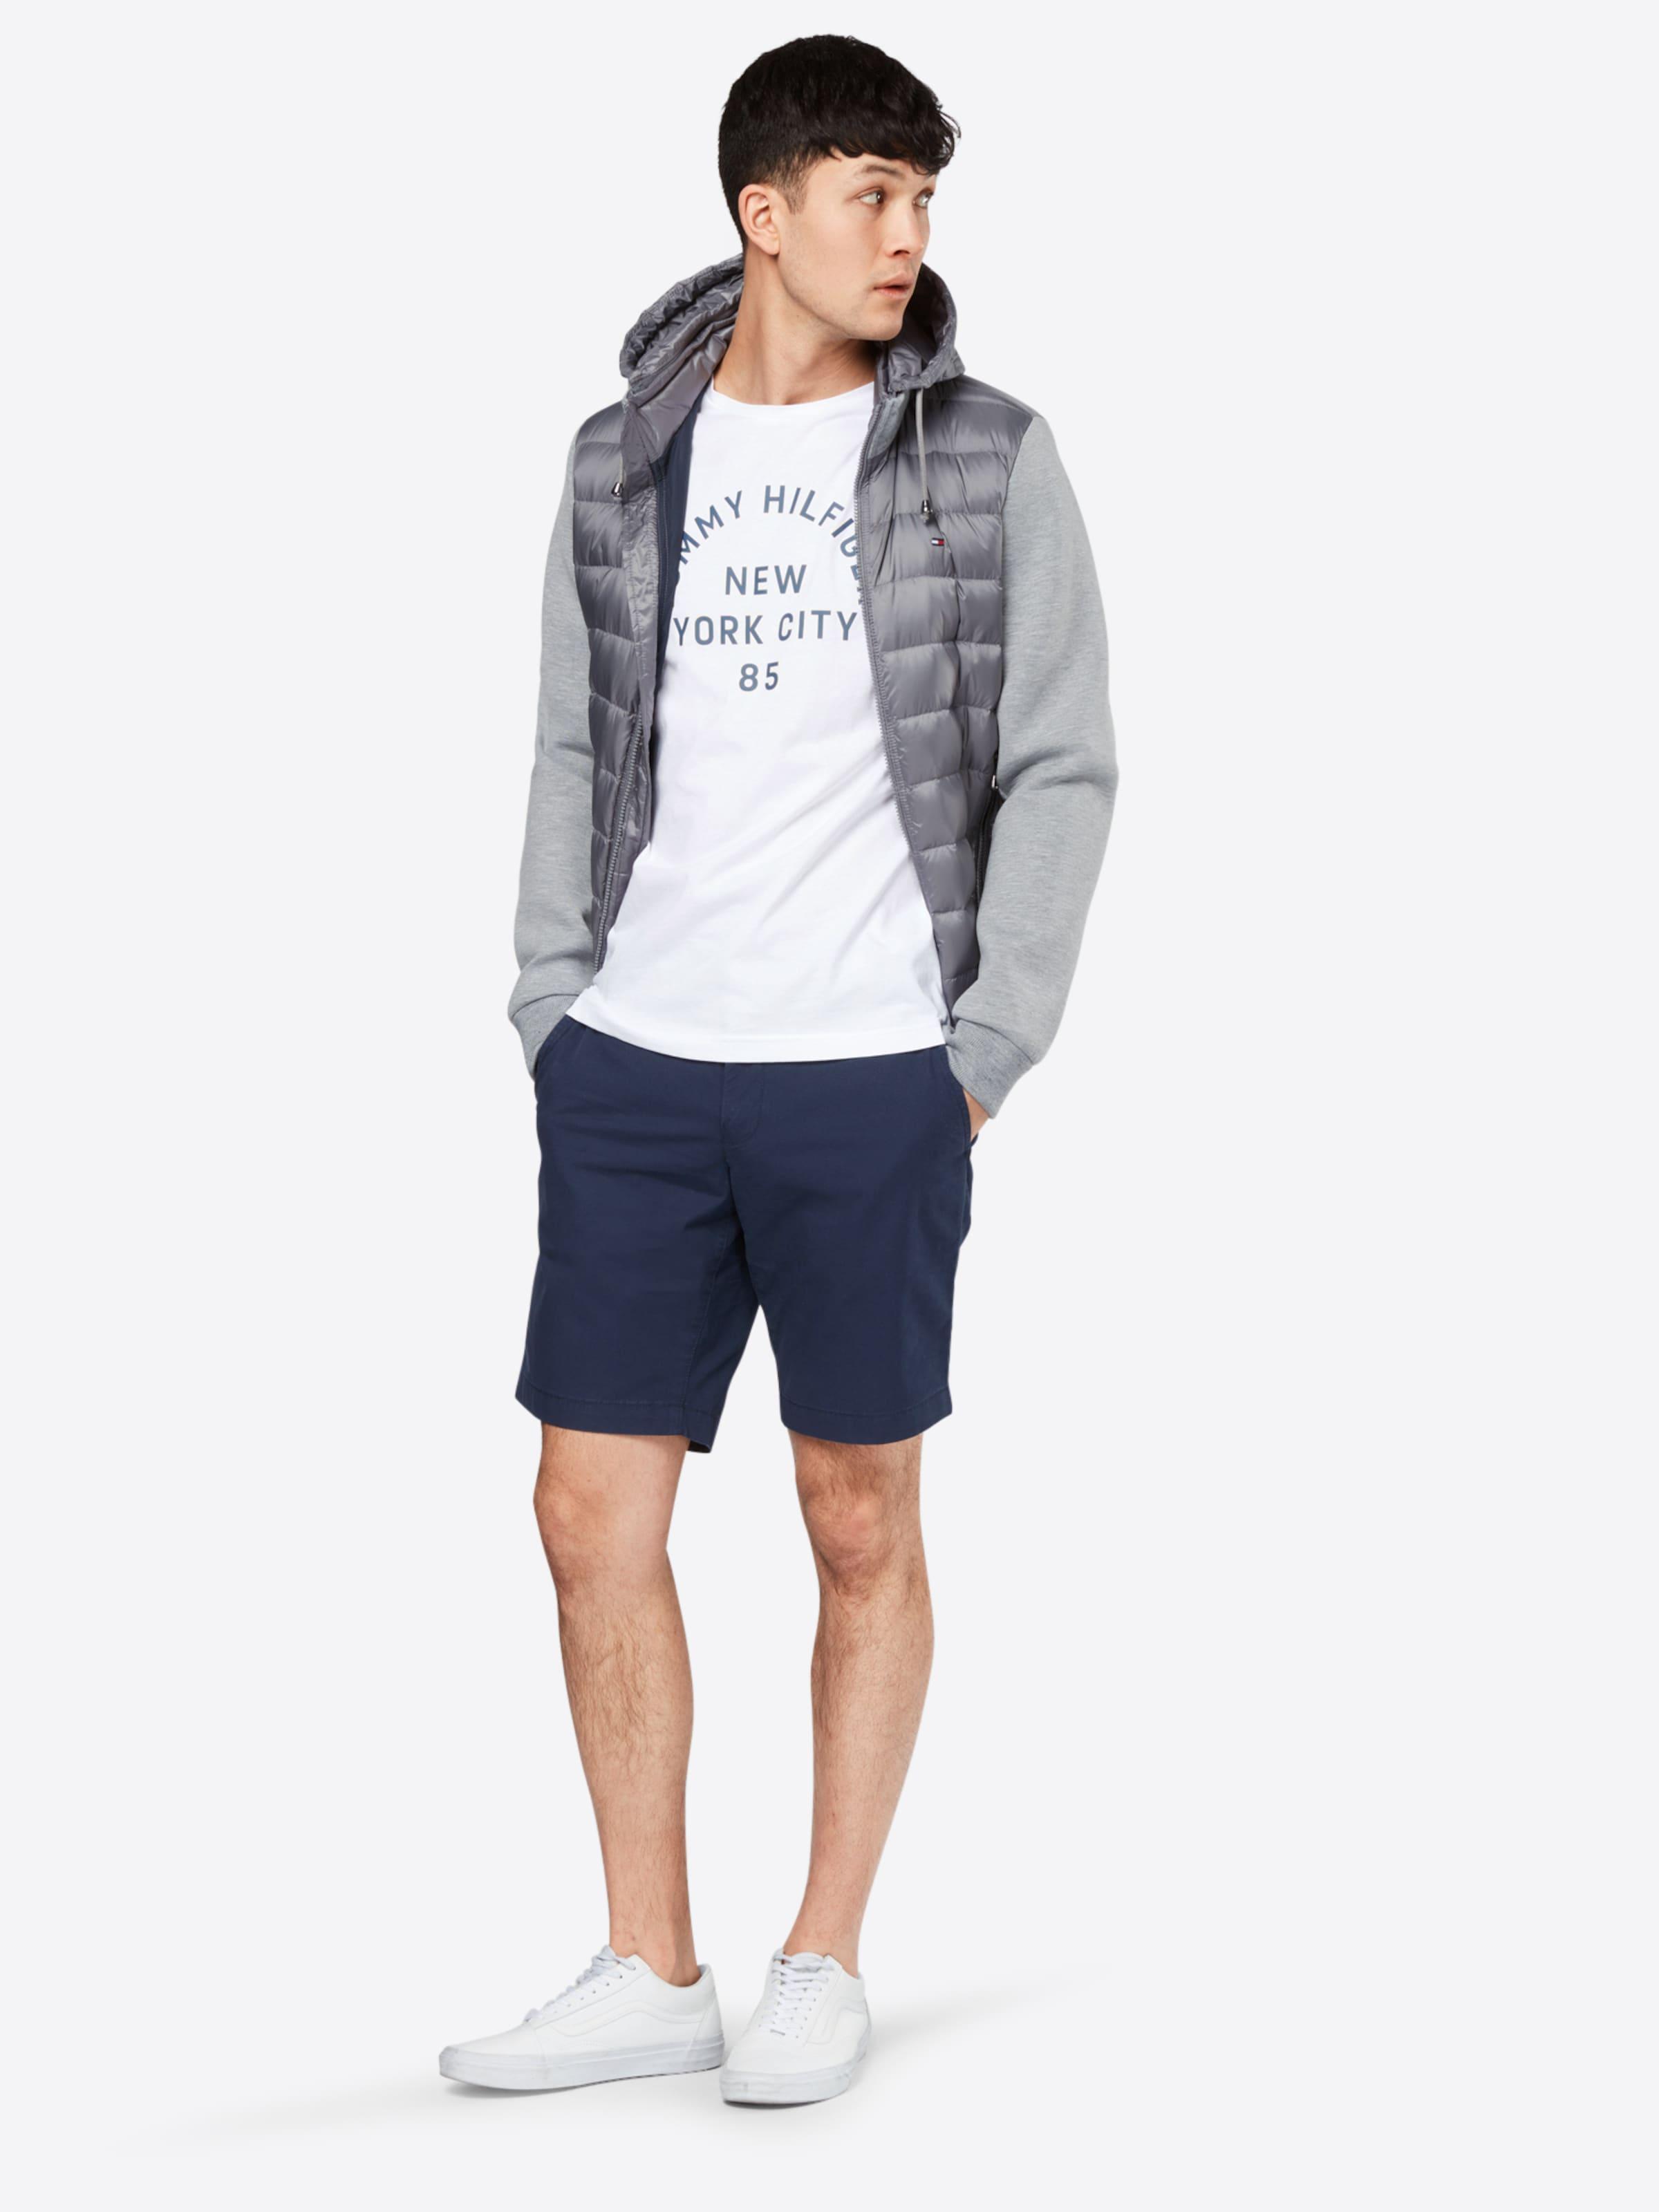 TOMMY HILFIGER T-Shirt 'MULTI LAYERED LOGO GRAPHIC' Verkauf Sammlungen gSPDnAp3